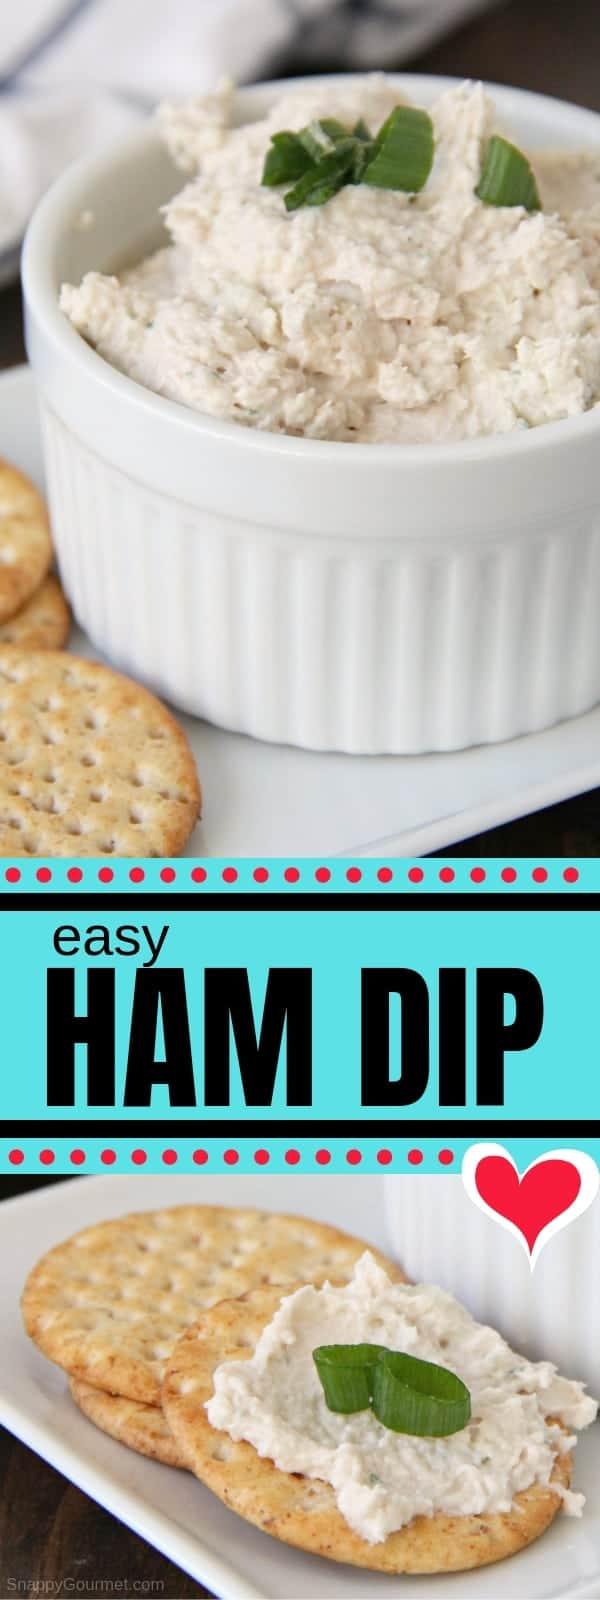 Ham Dip photo collage